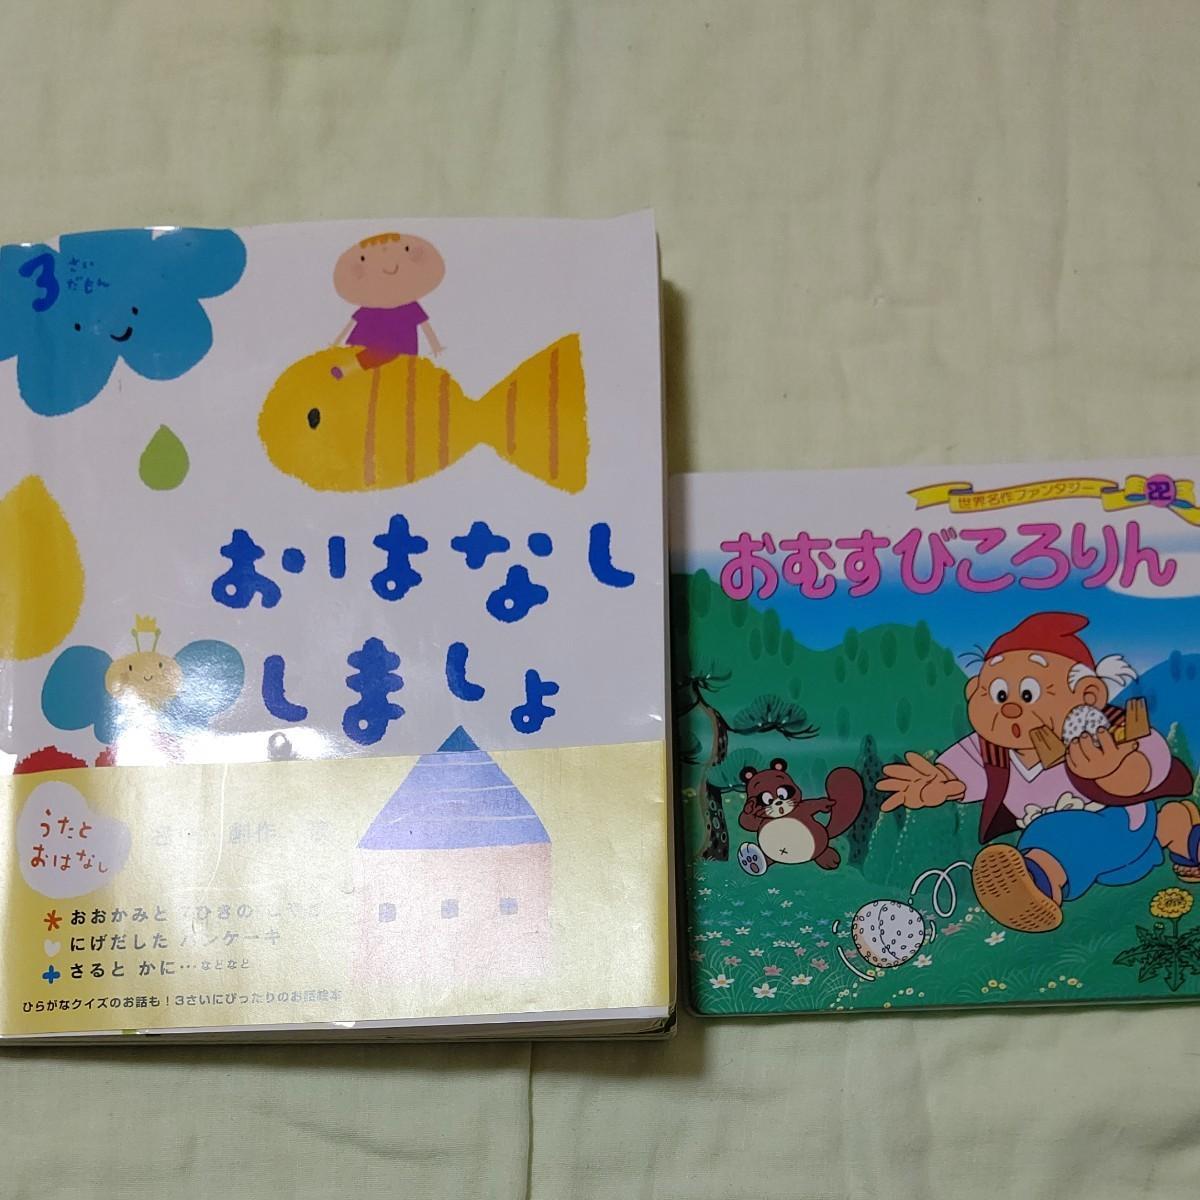 絵本セット 3さいだもん おむすびころりん 幼児向け絵本